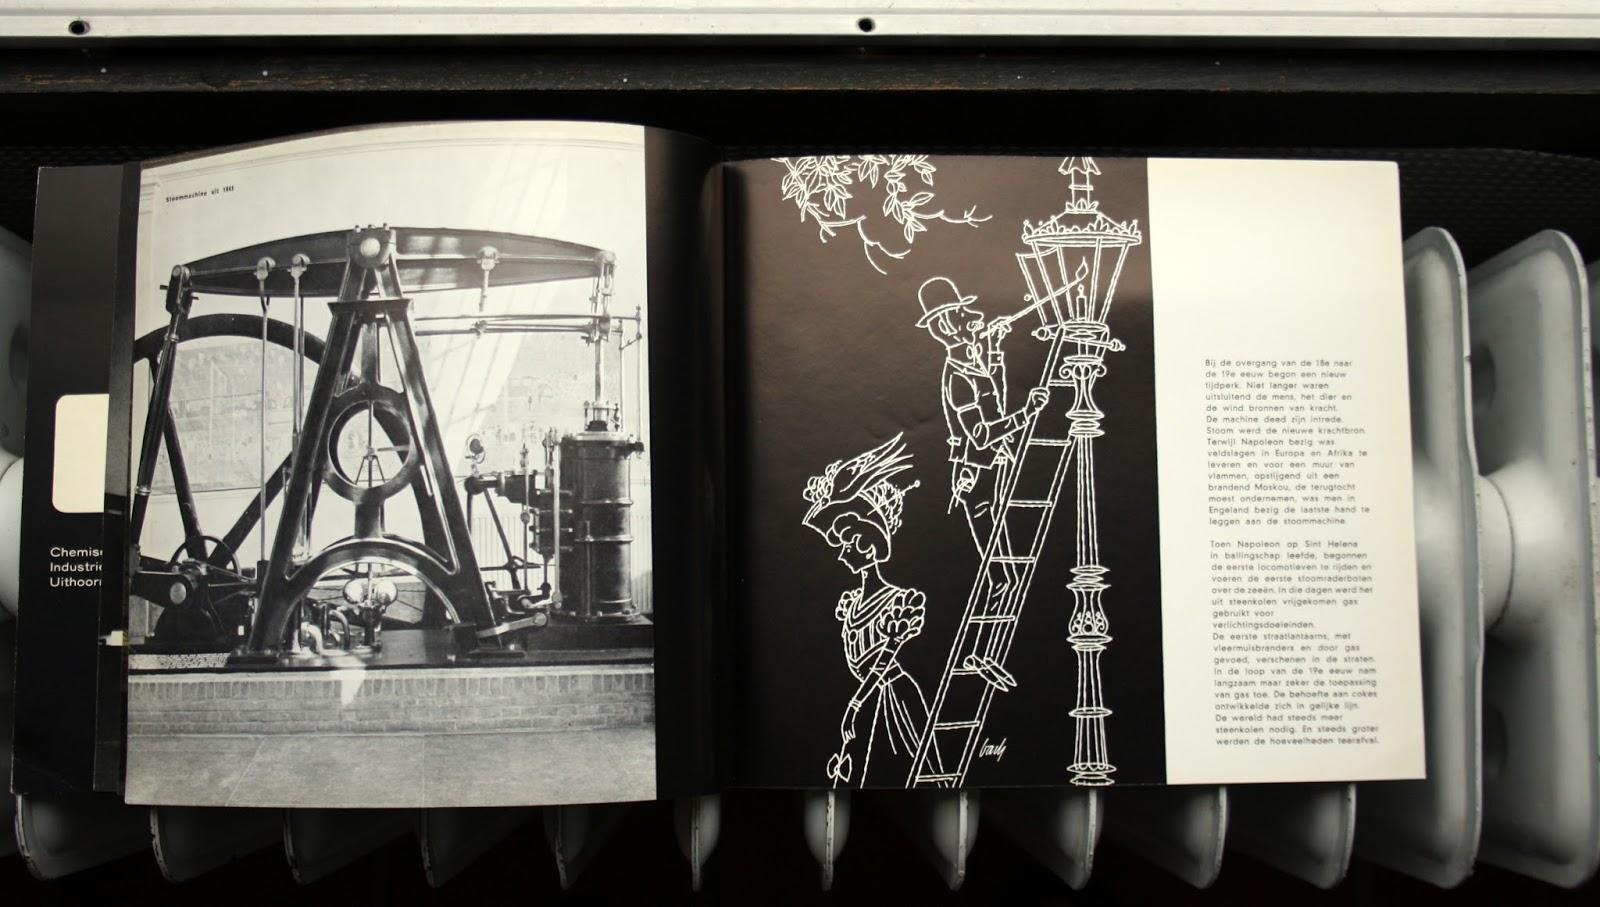 Graphic Design Muur : Heterogeneous equilibrium modernism graphic design b.mol cas